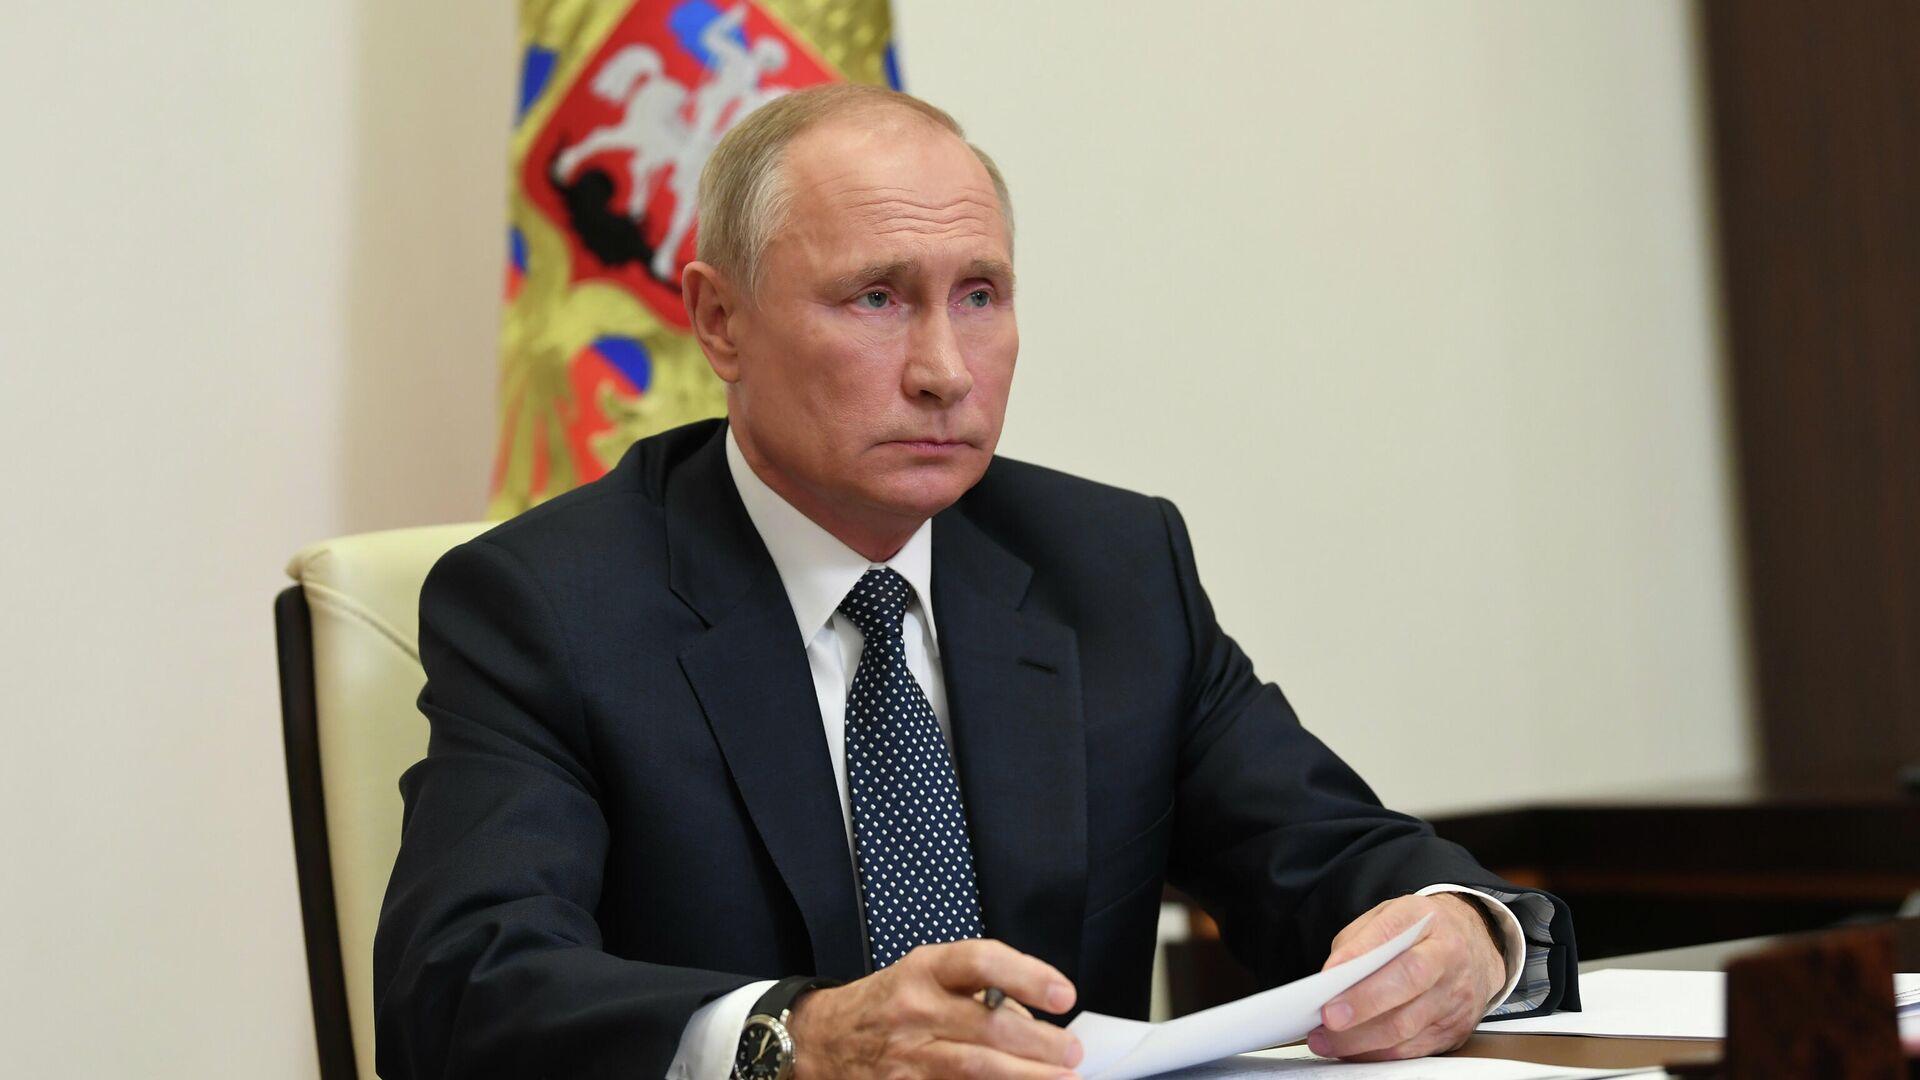 Путин подписал закон о едином номере 112 для вызова экстренных служб